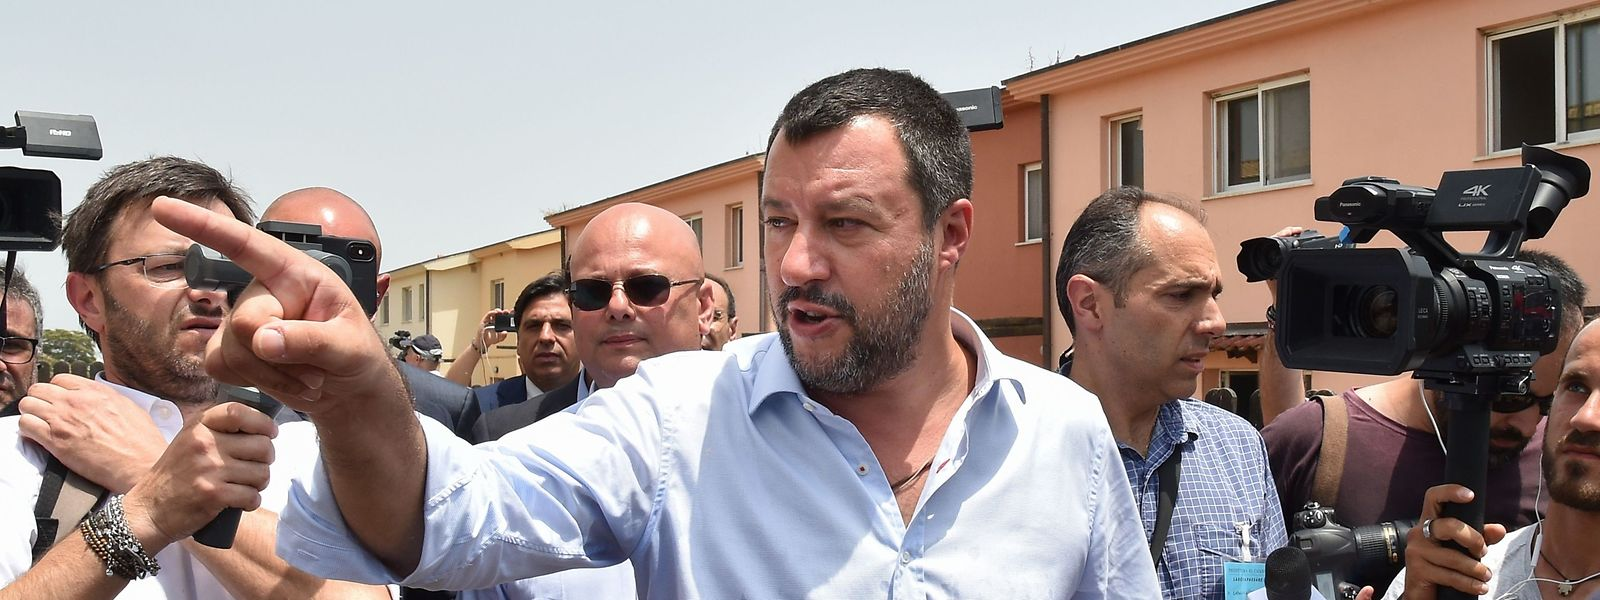 In Italien lauert Salvini nur auf den schnellen Zerfall der neuen Regierung und seine nächste Chance auf die Macht